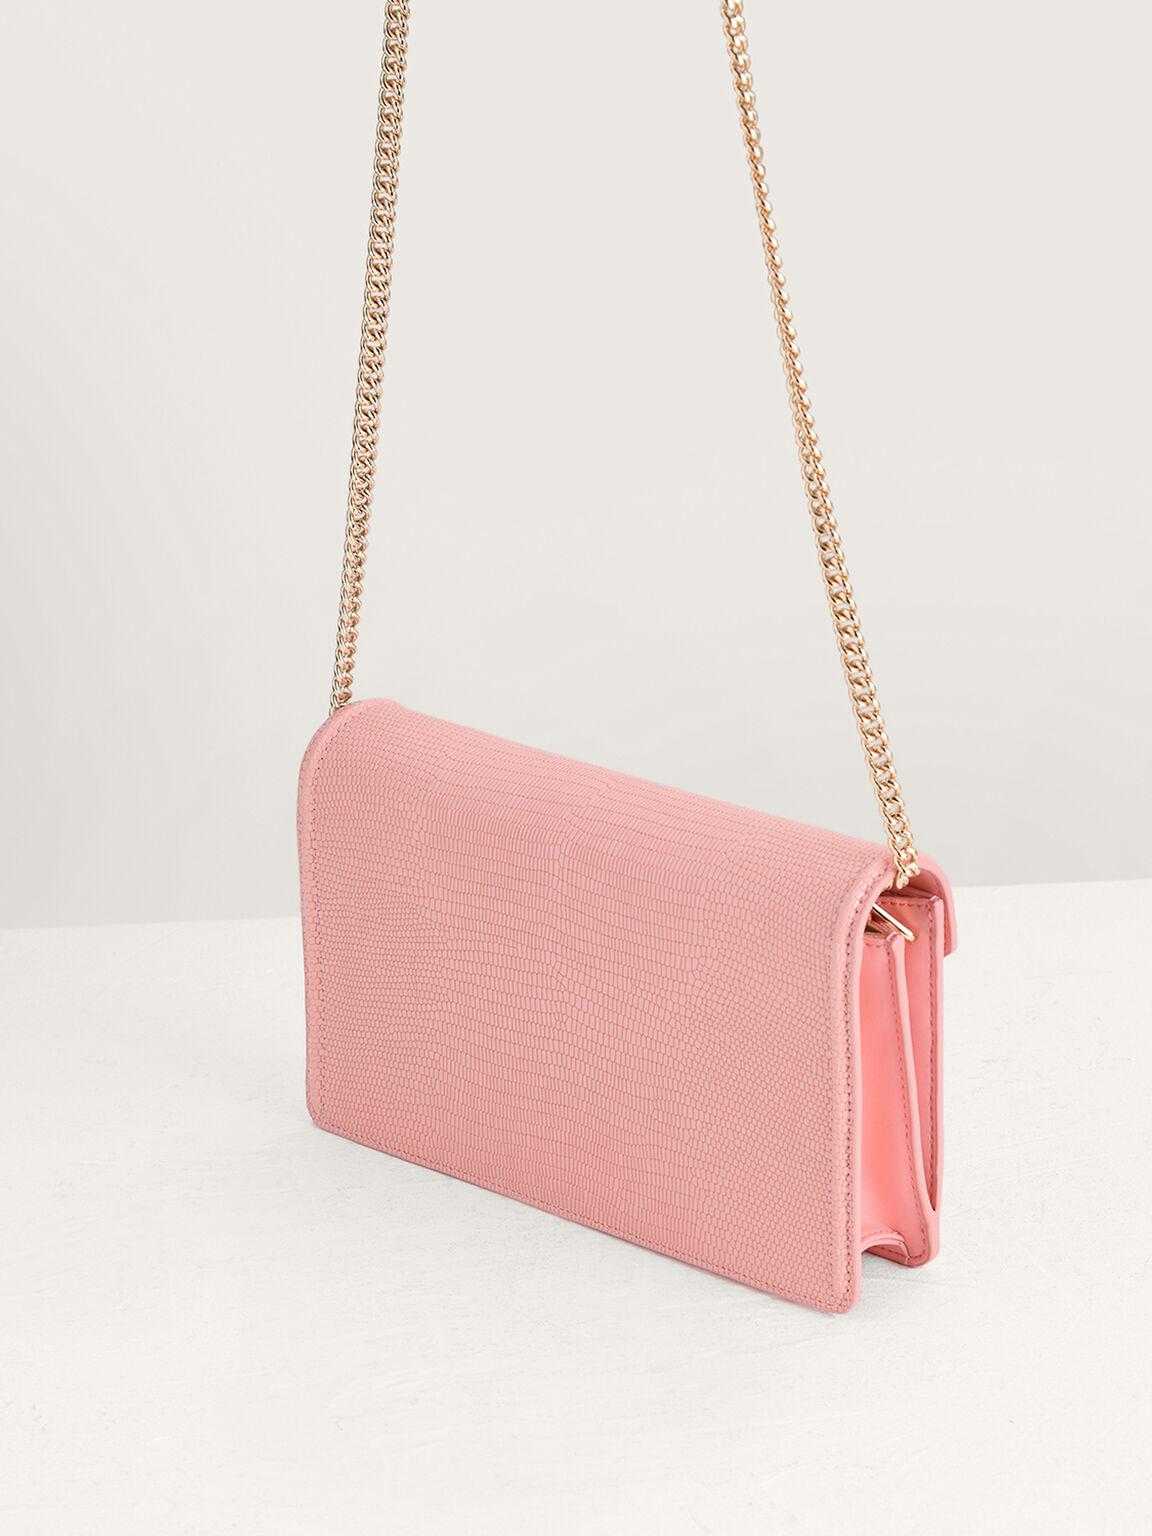 Lizard-Effect Leather Shoulder Bag, Pink, hi-res